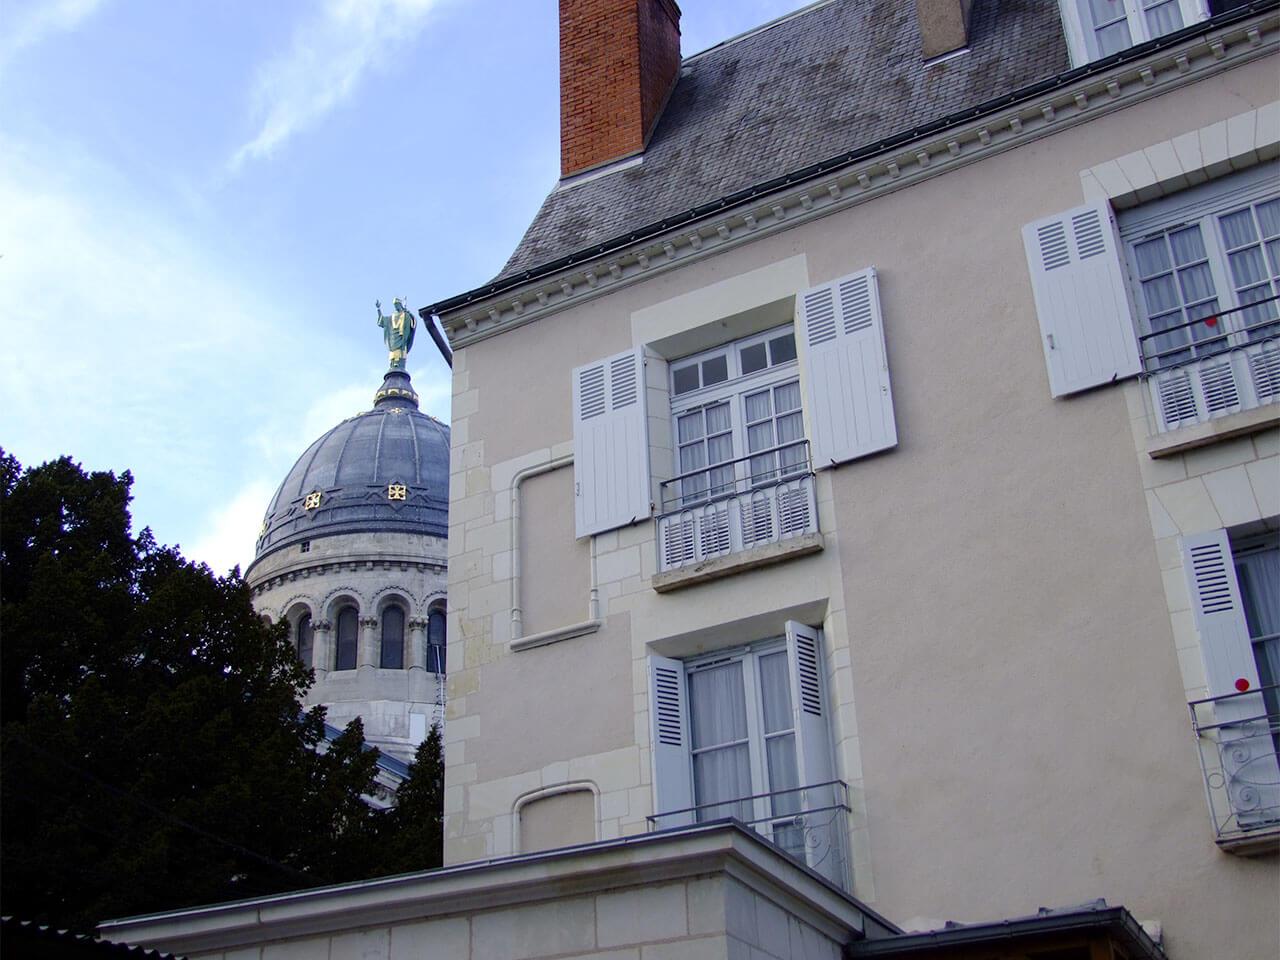 La Maison d'Accueil et Saint-Martin de Tours